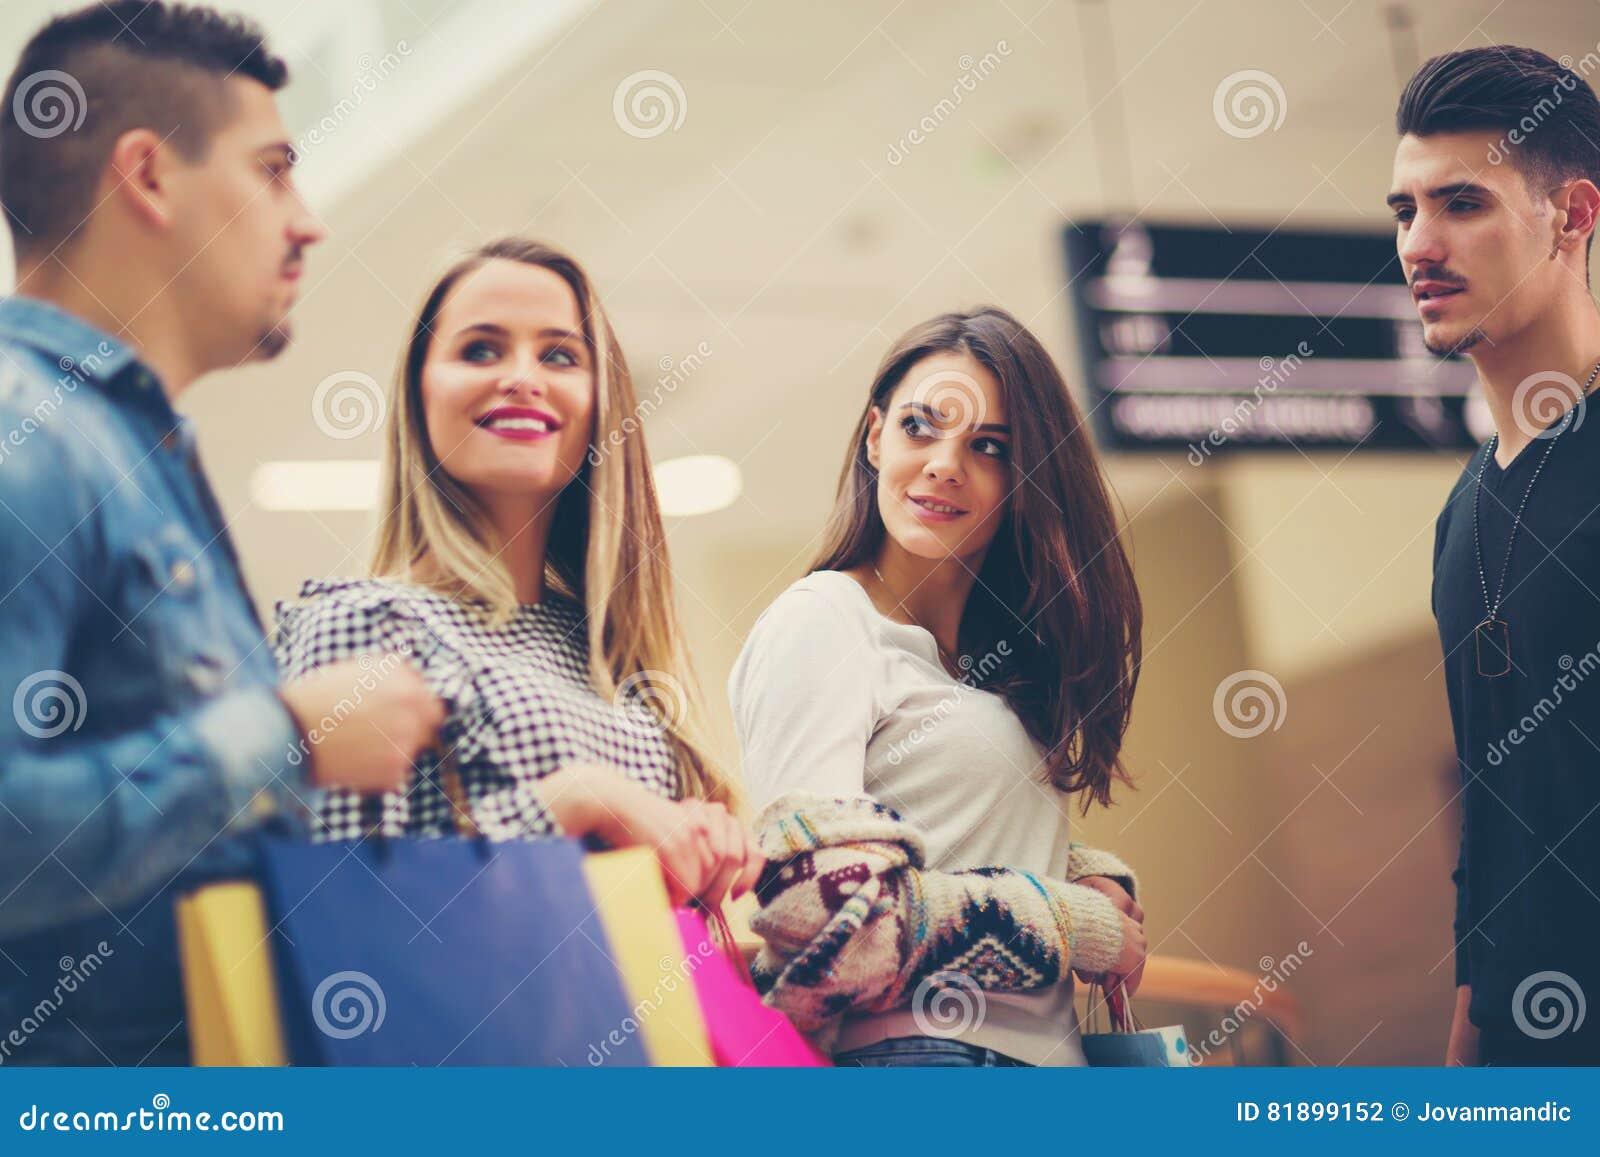 Ομάδα φίλων που ψωνίζουν στη λεωφόρο από κοινού